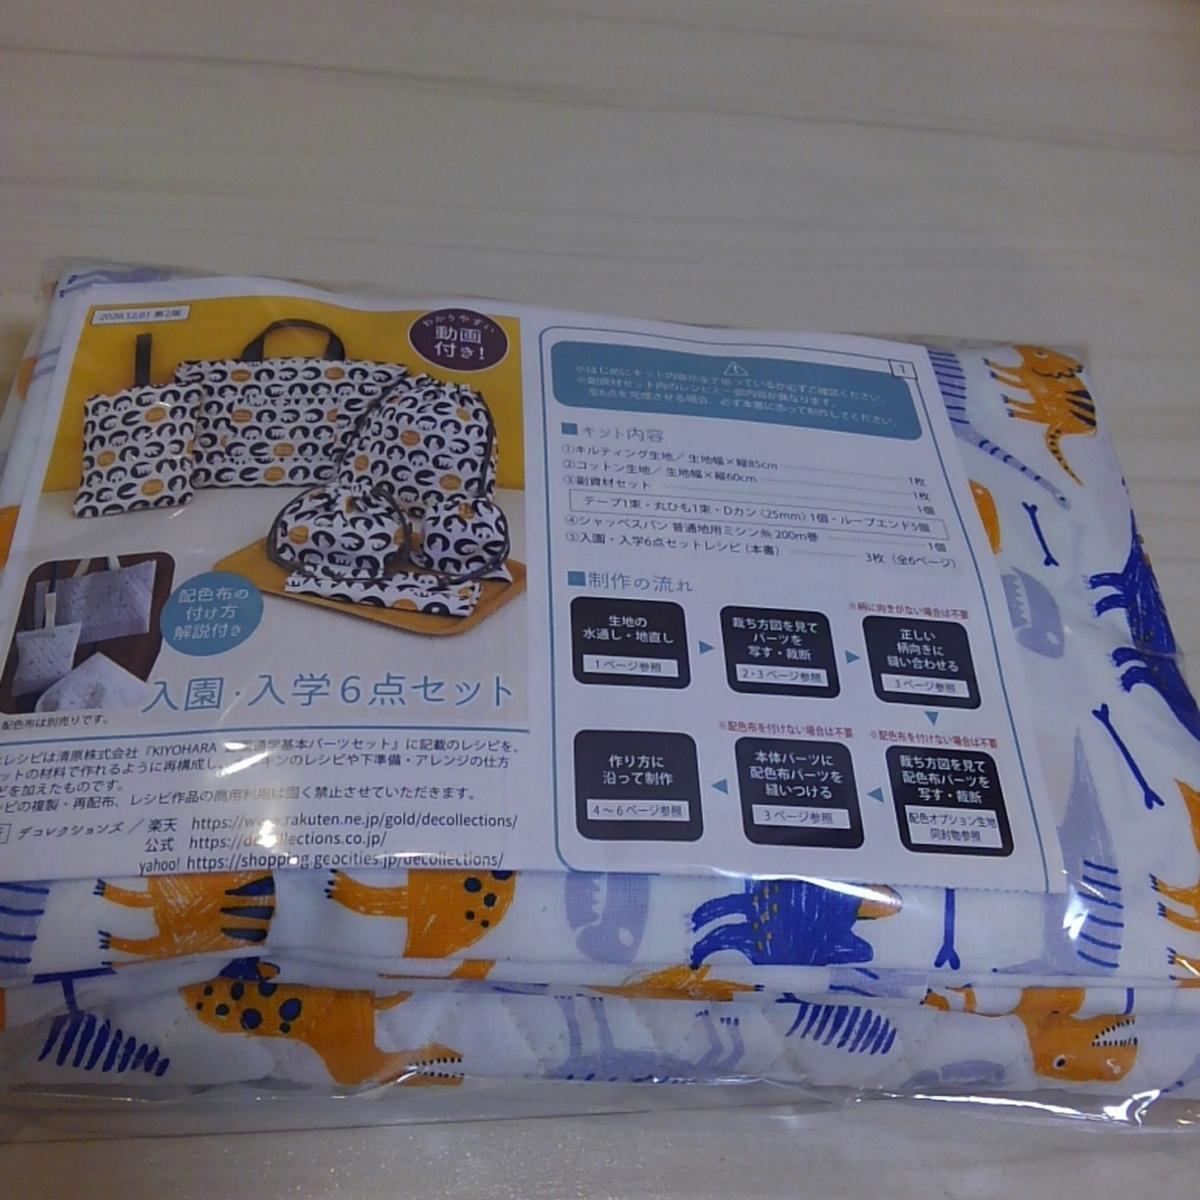 デコレクションズ 手作りバッグ 材料キット 入学準備